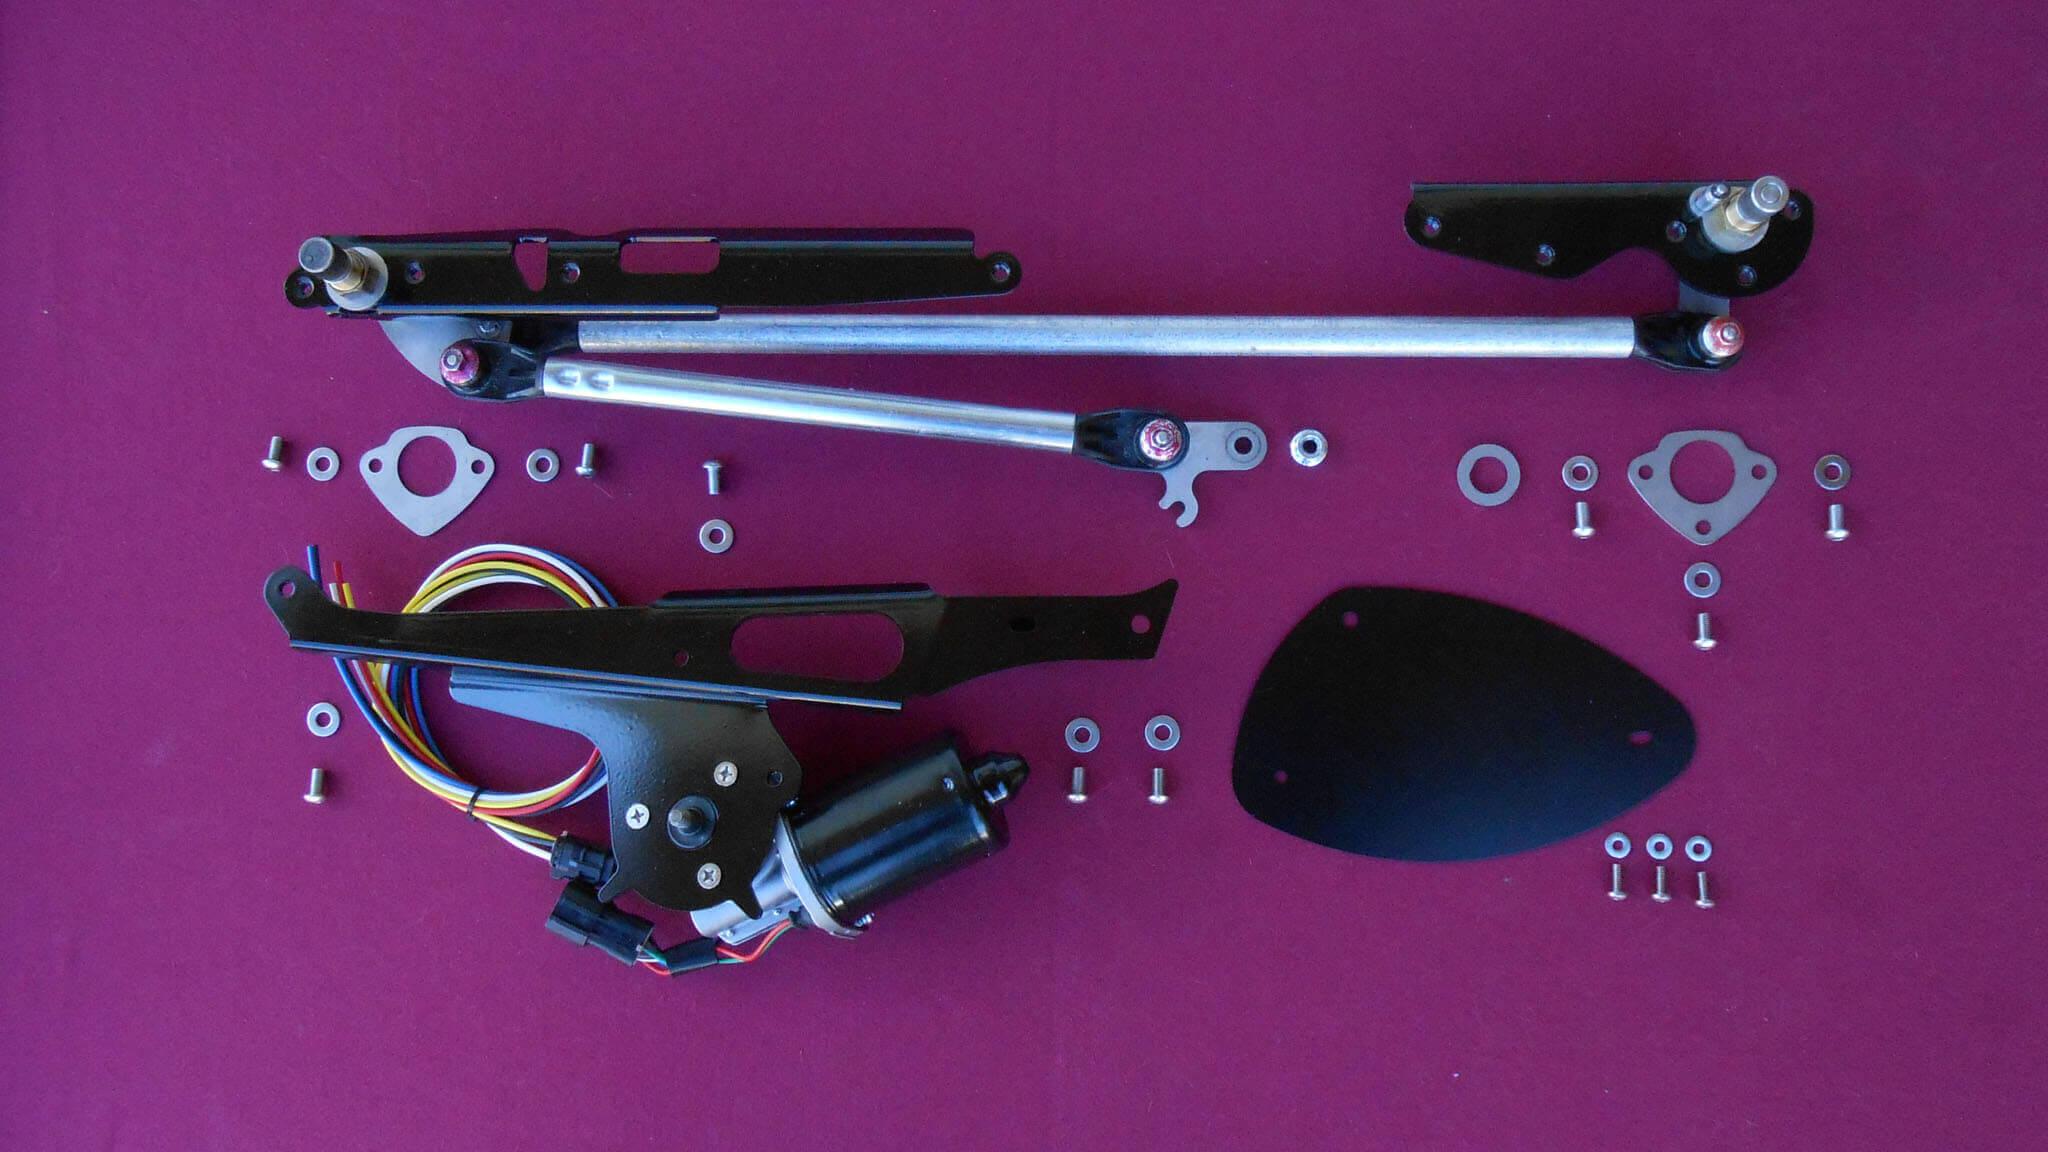 1970 1981 Camaro Hidden Wiper System Raingear Systems Engine Bay Electrical Schematics